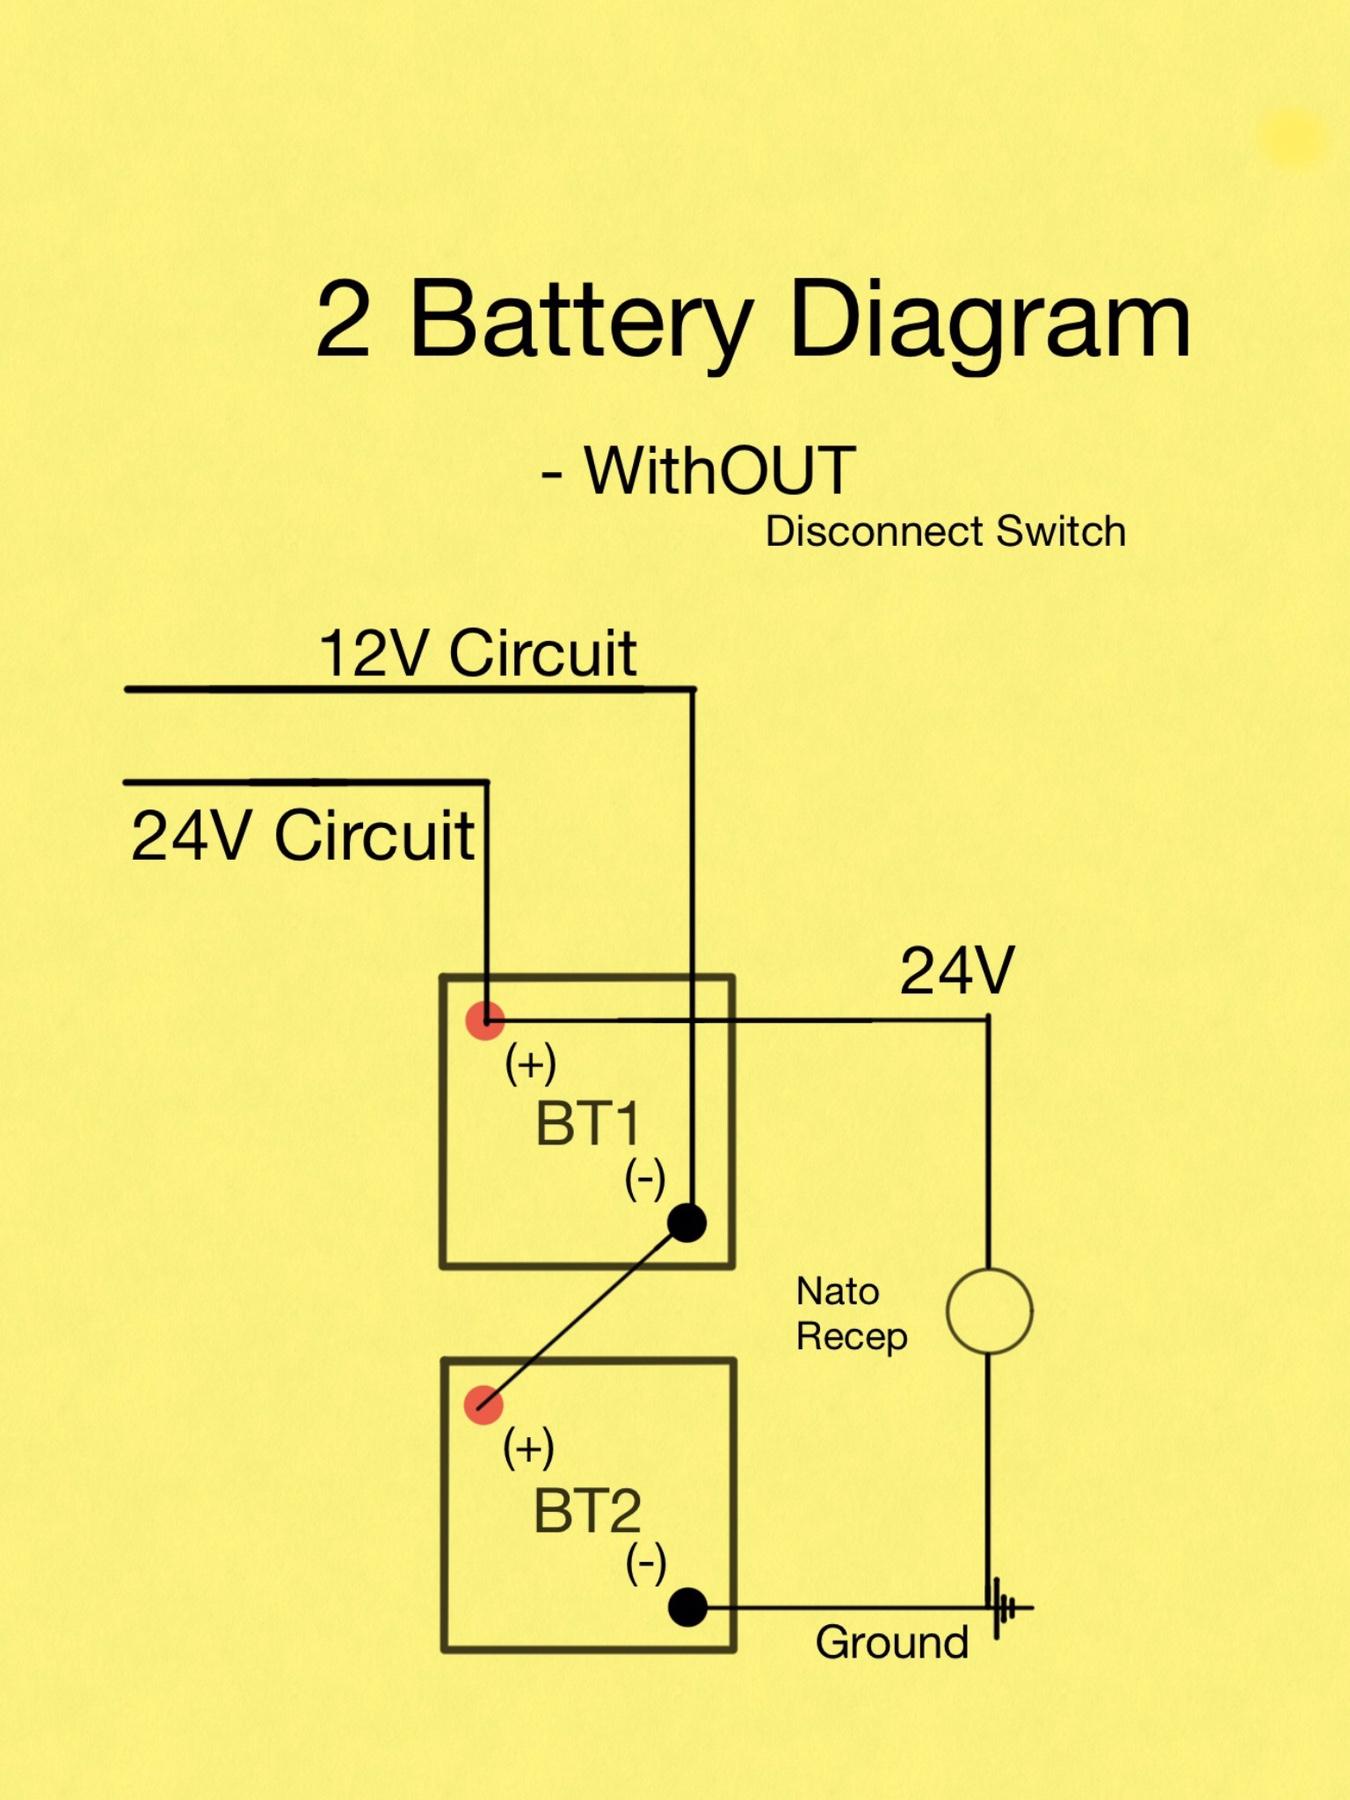 hight resolution of i did a new diagramhttps uploads tapatalk cdn com 201 f62f5c31d5 jpg